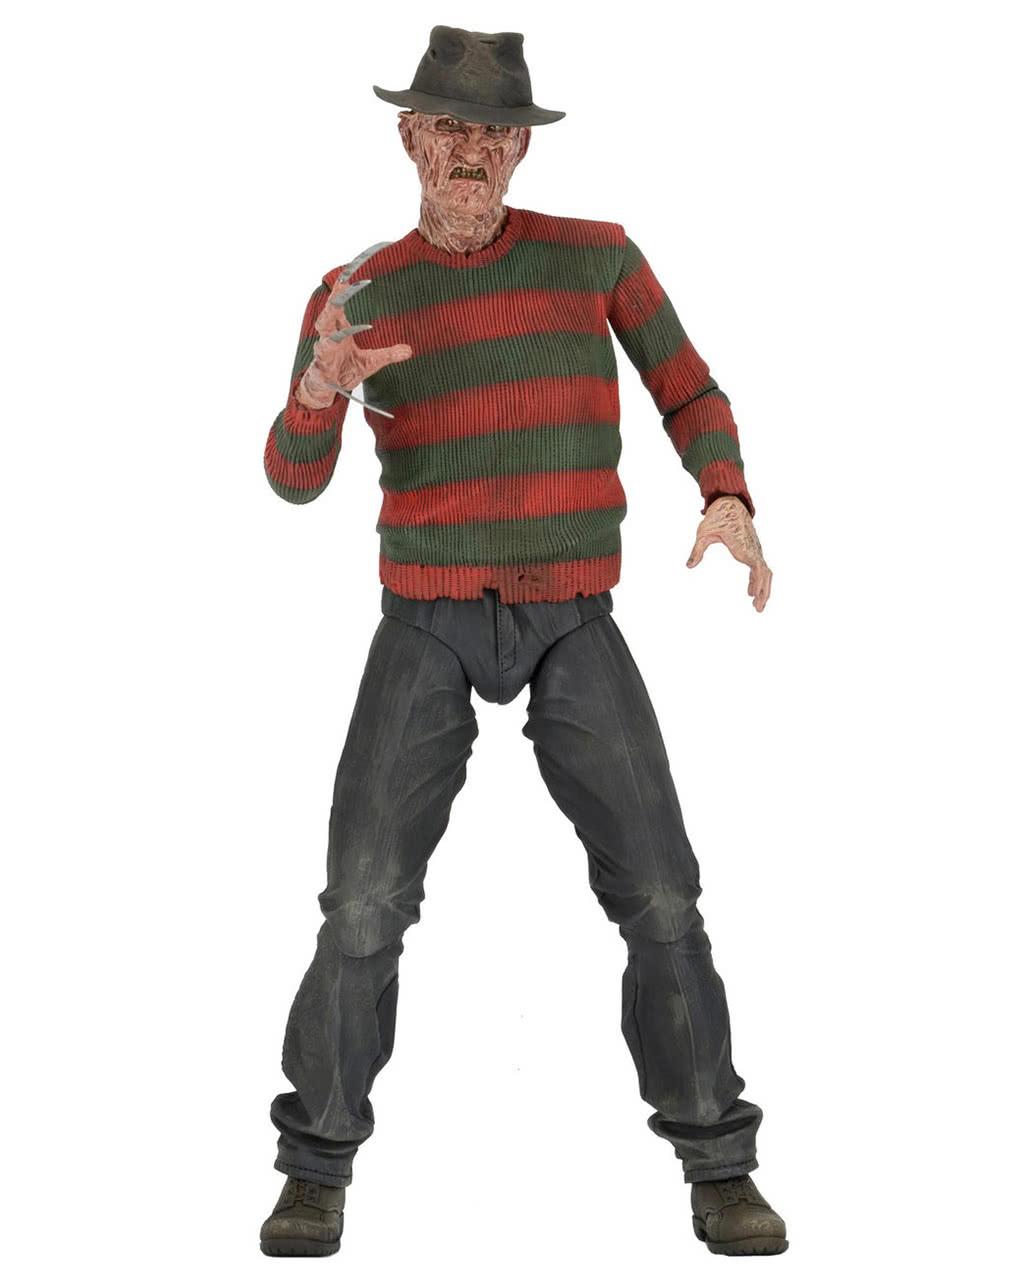 Freddy Krueger Action Figure 46 Cm Of NECA | horror-shop.com